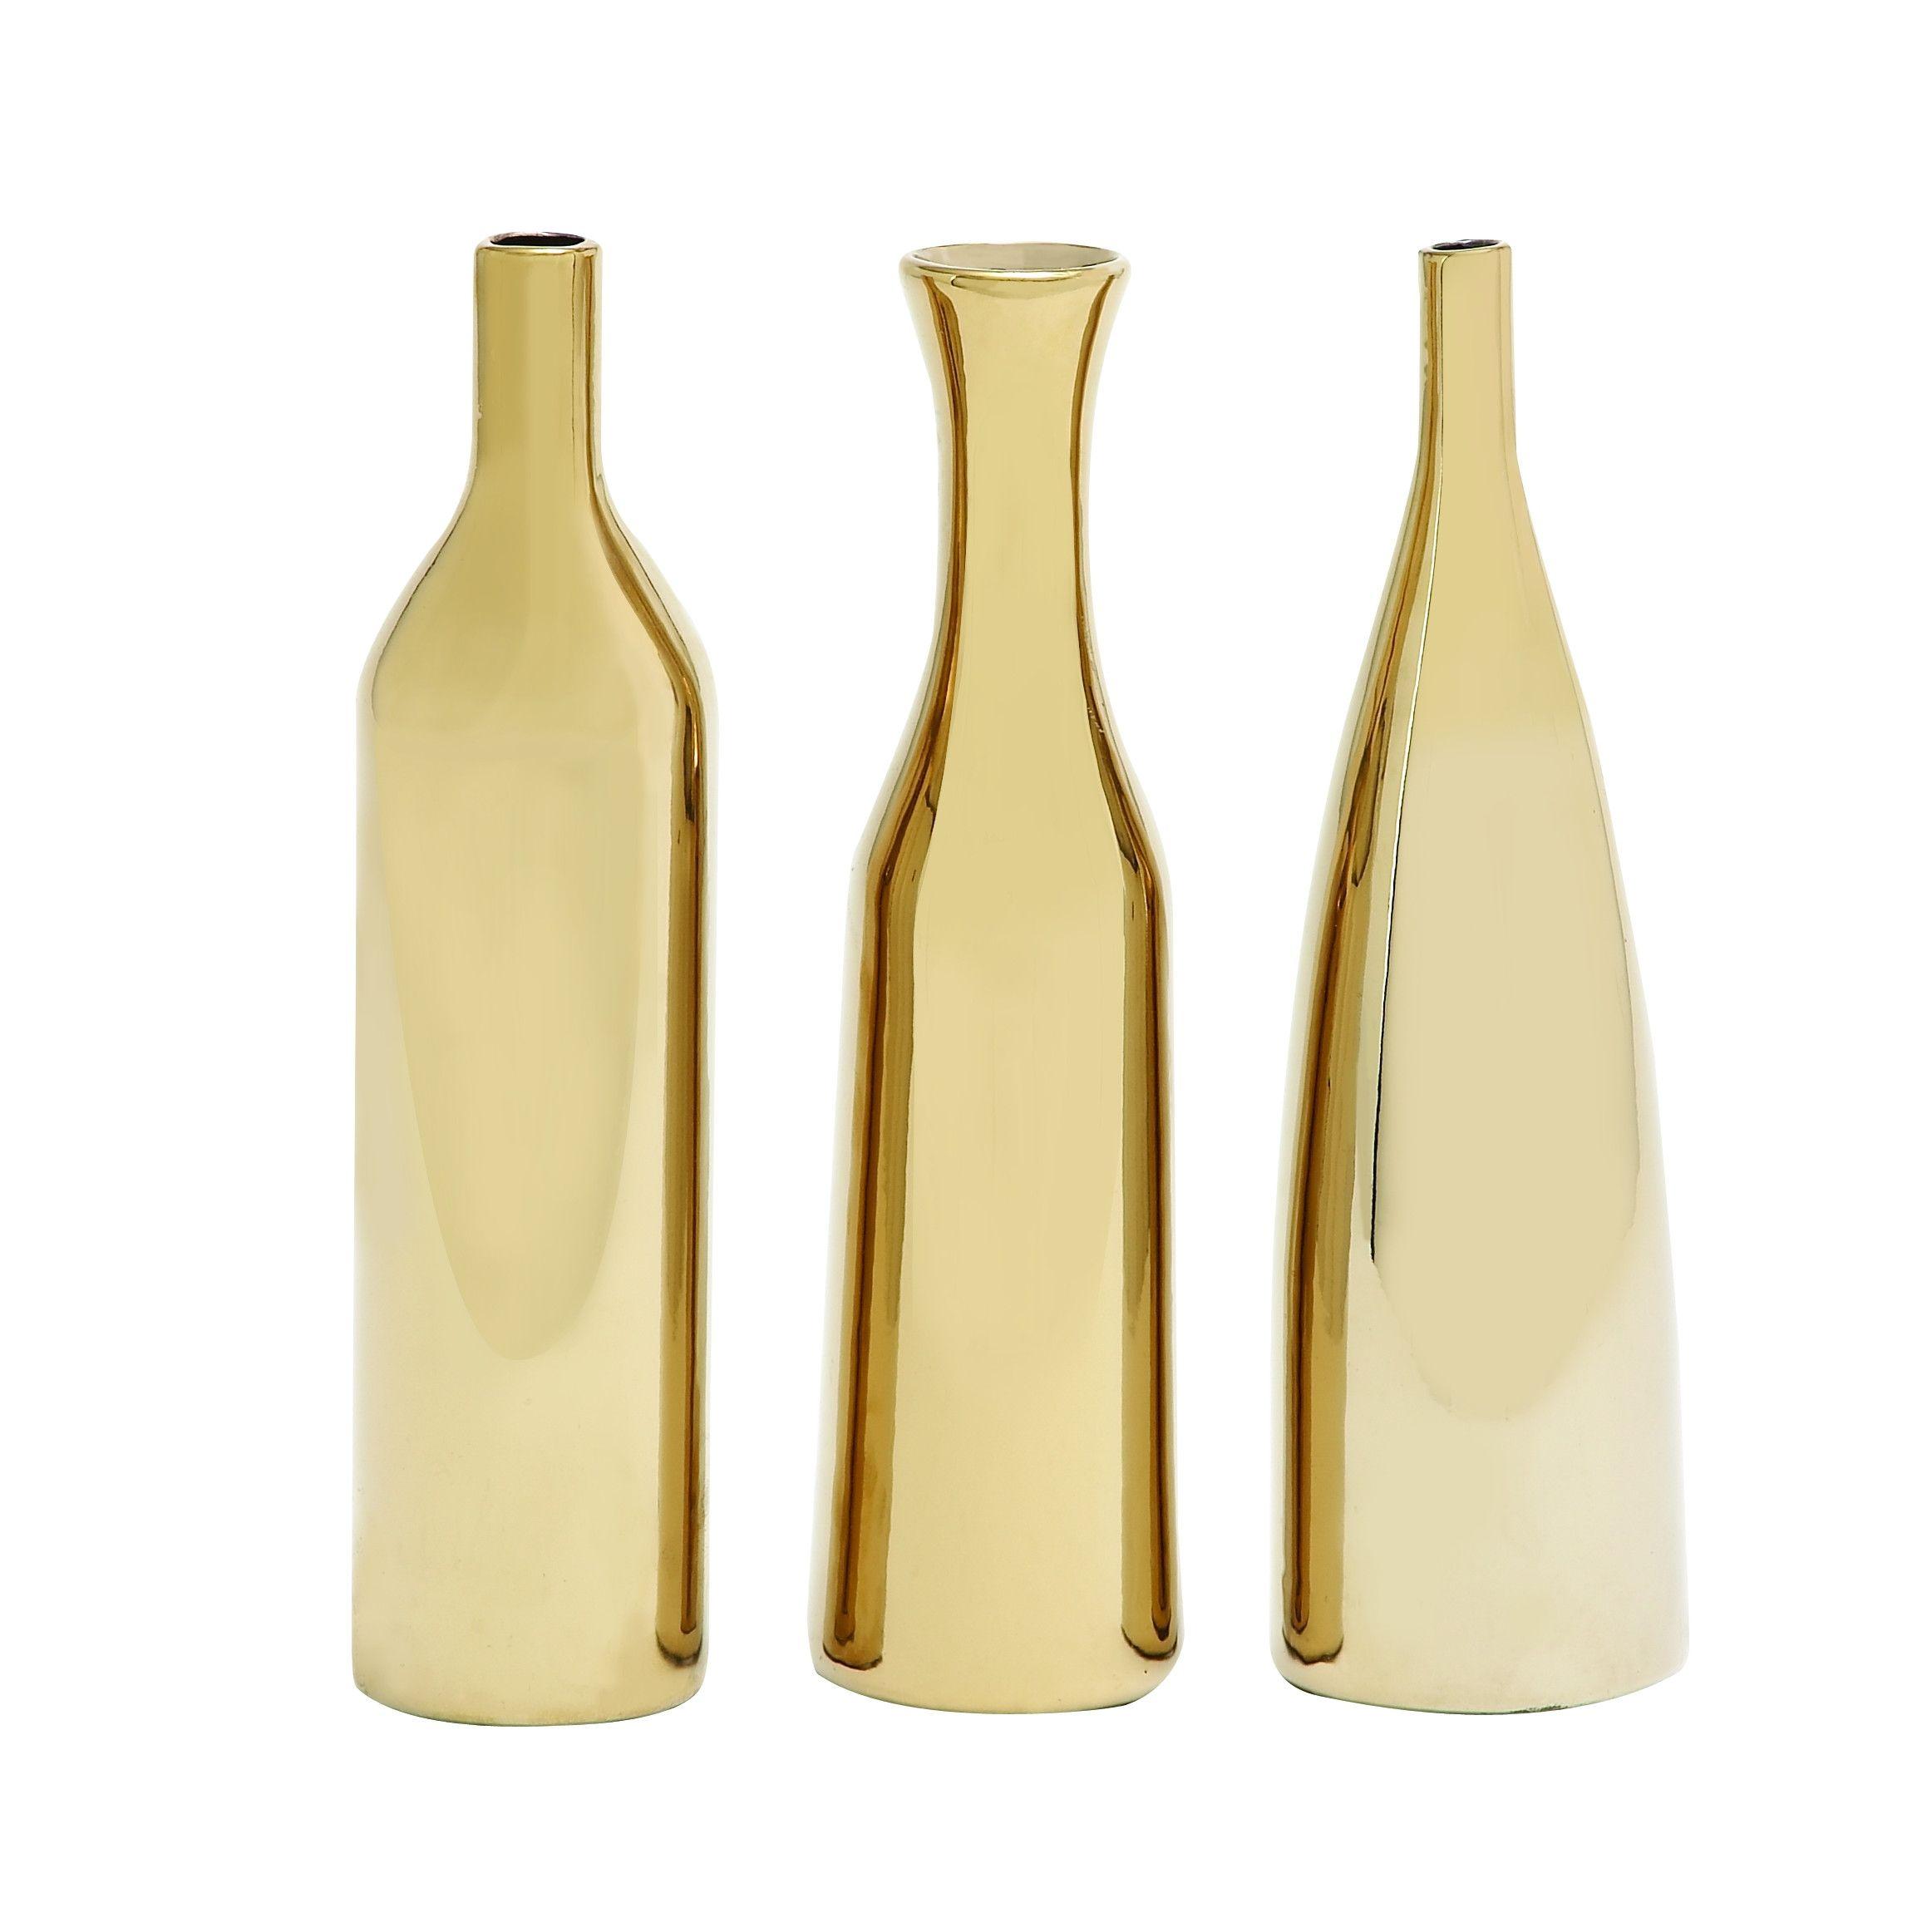 Woodland Imports 3 Piece Hawaiian Artistic Styled Ceramic Vase Set ...